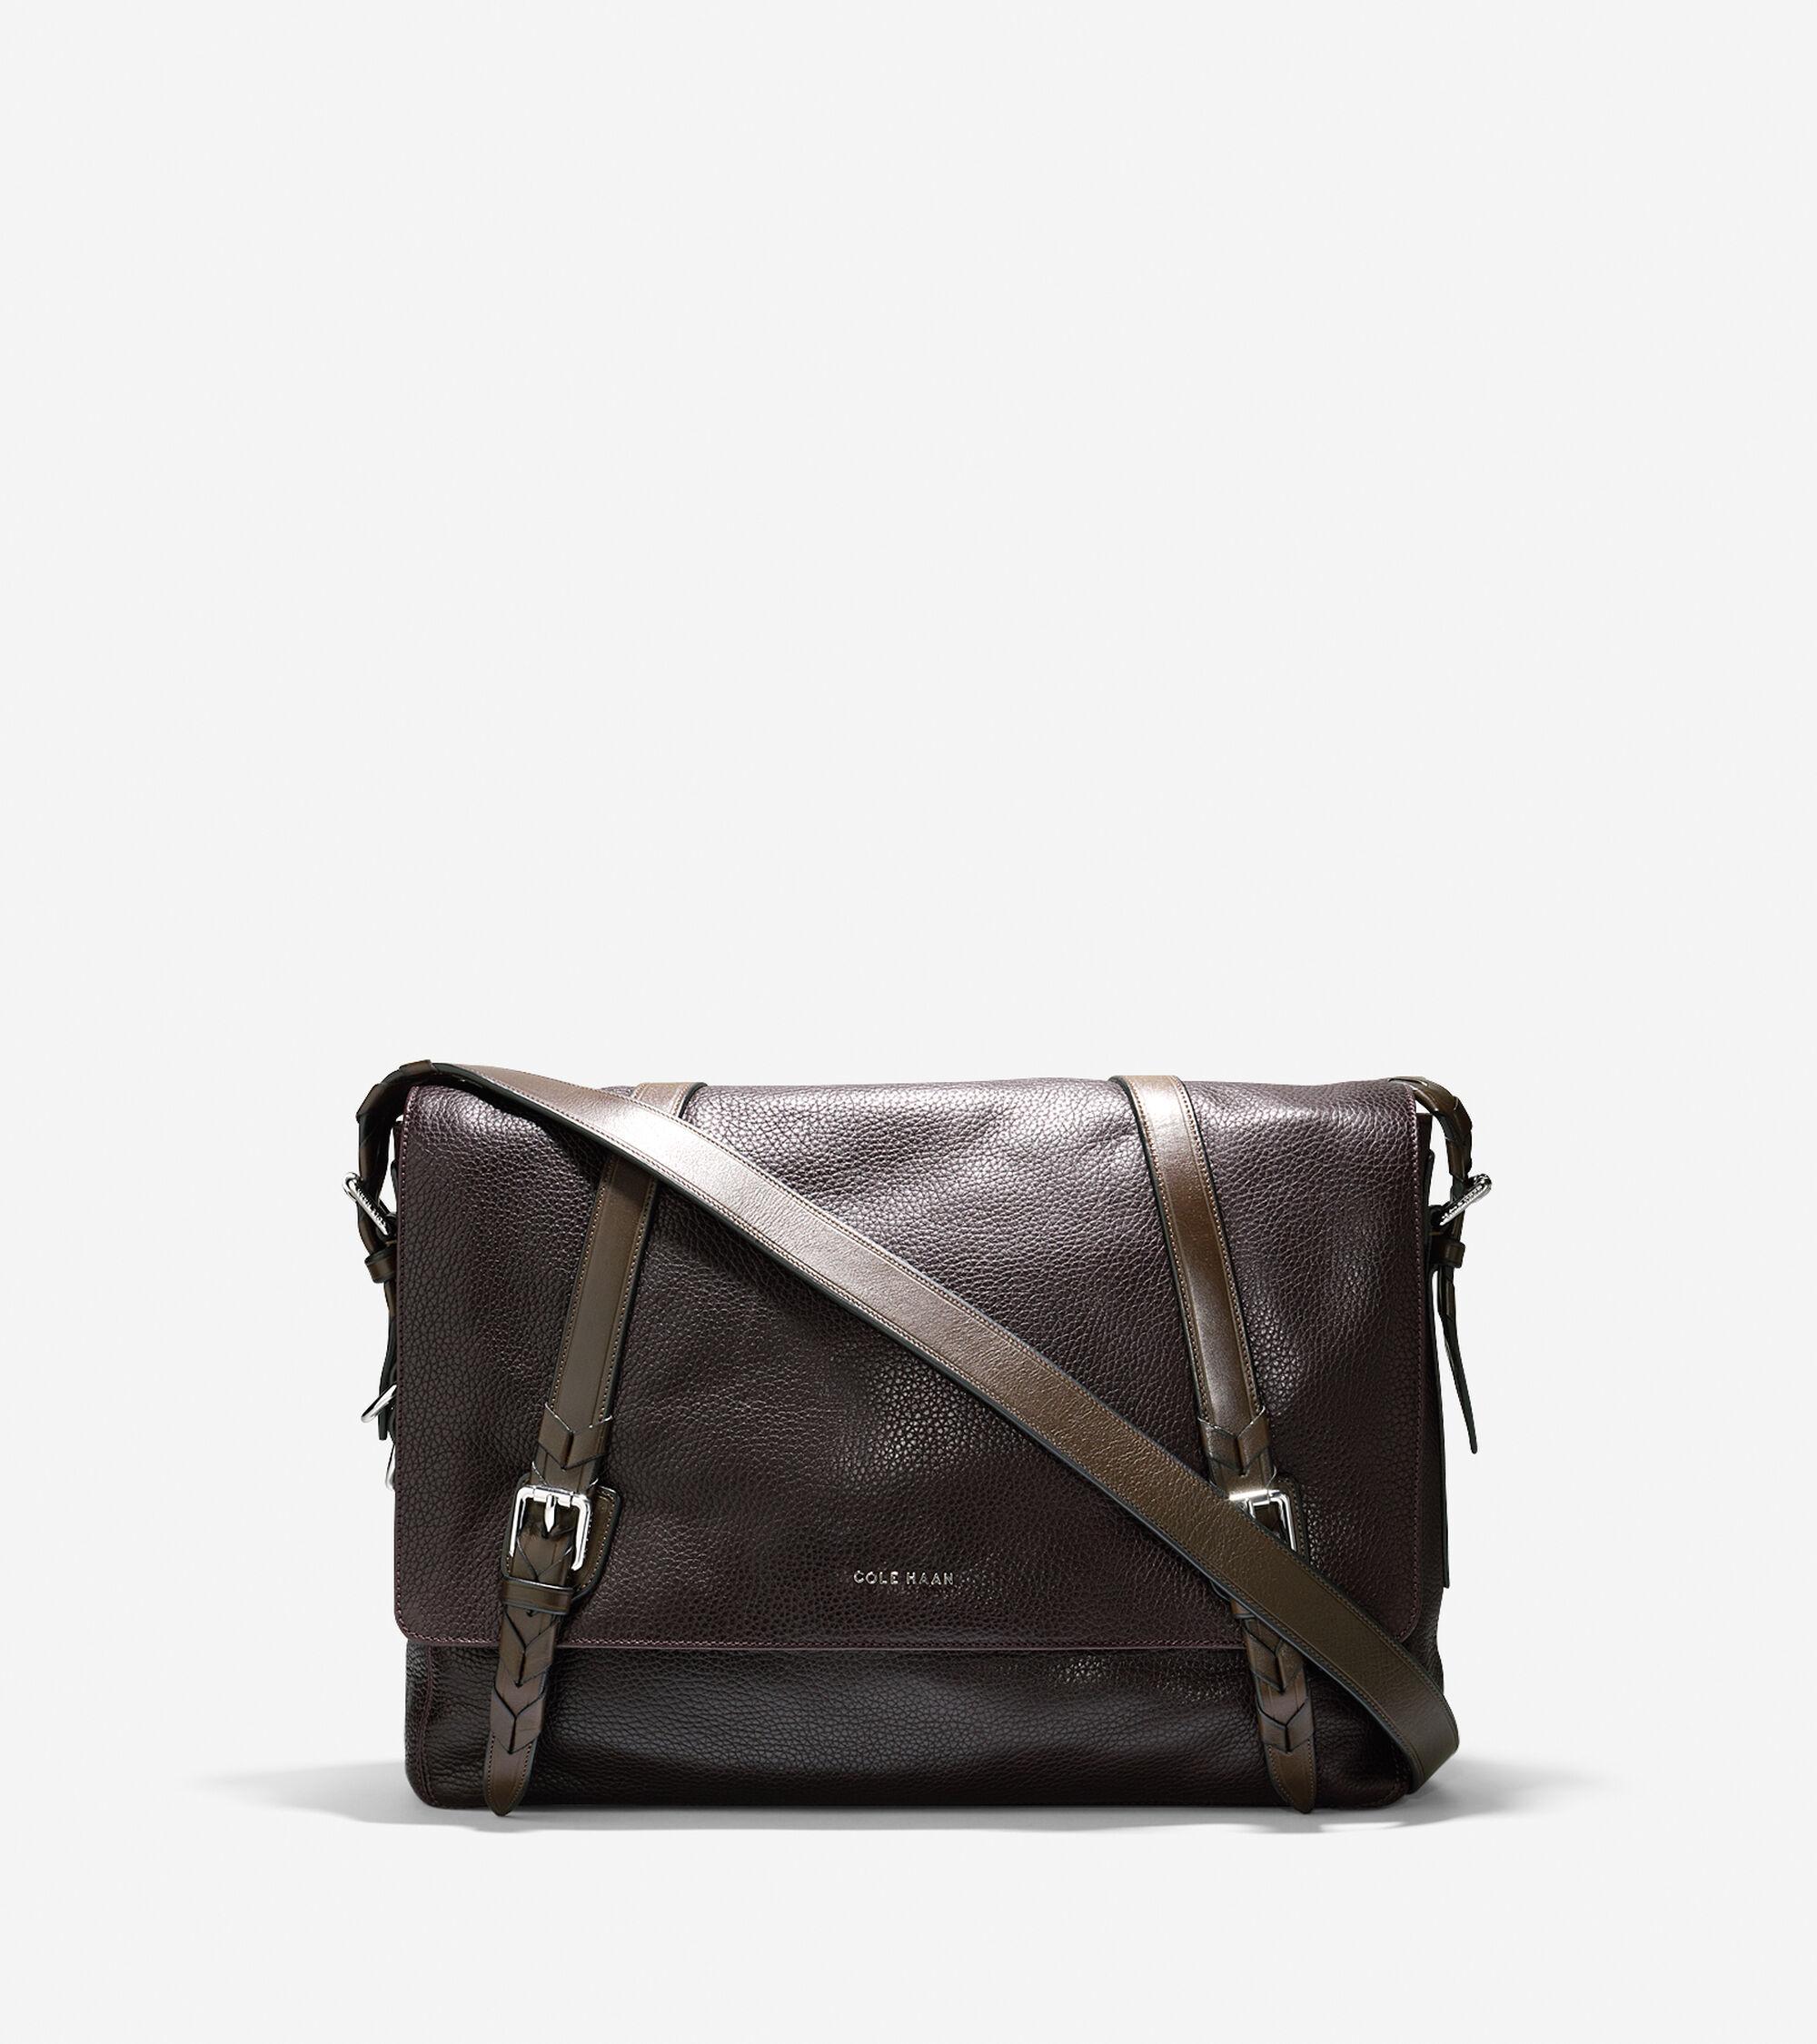 Briefs & Bags > Truman Messenger